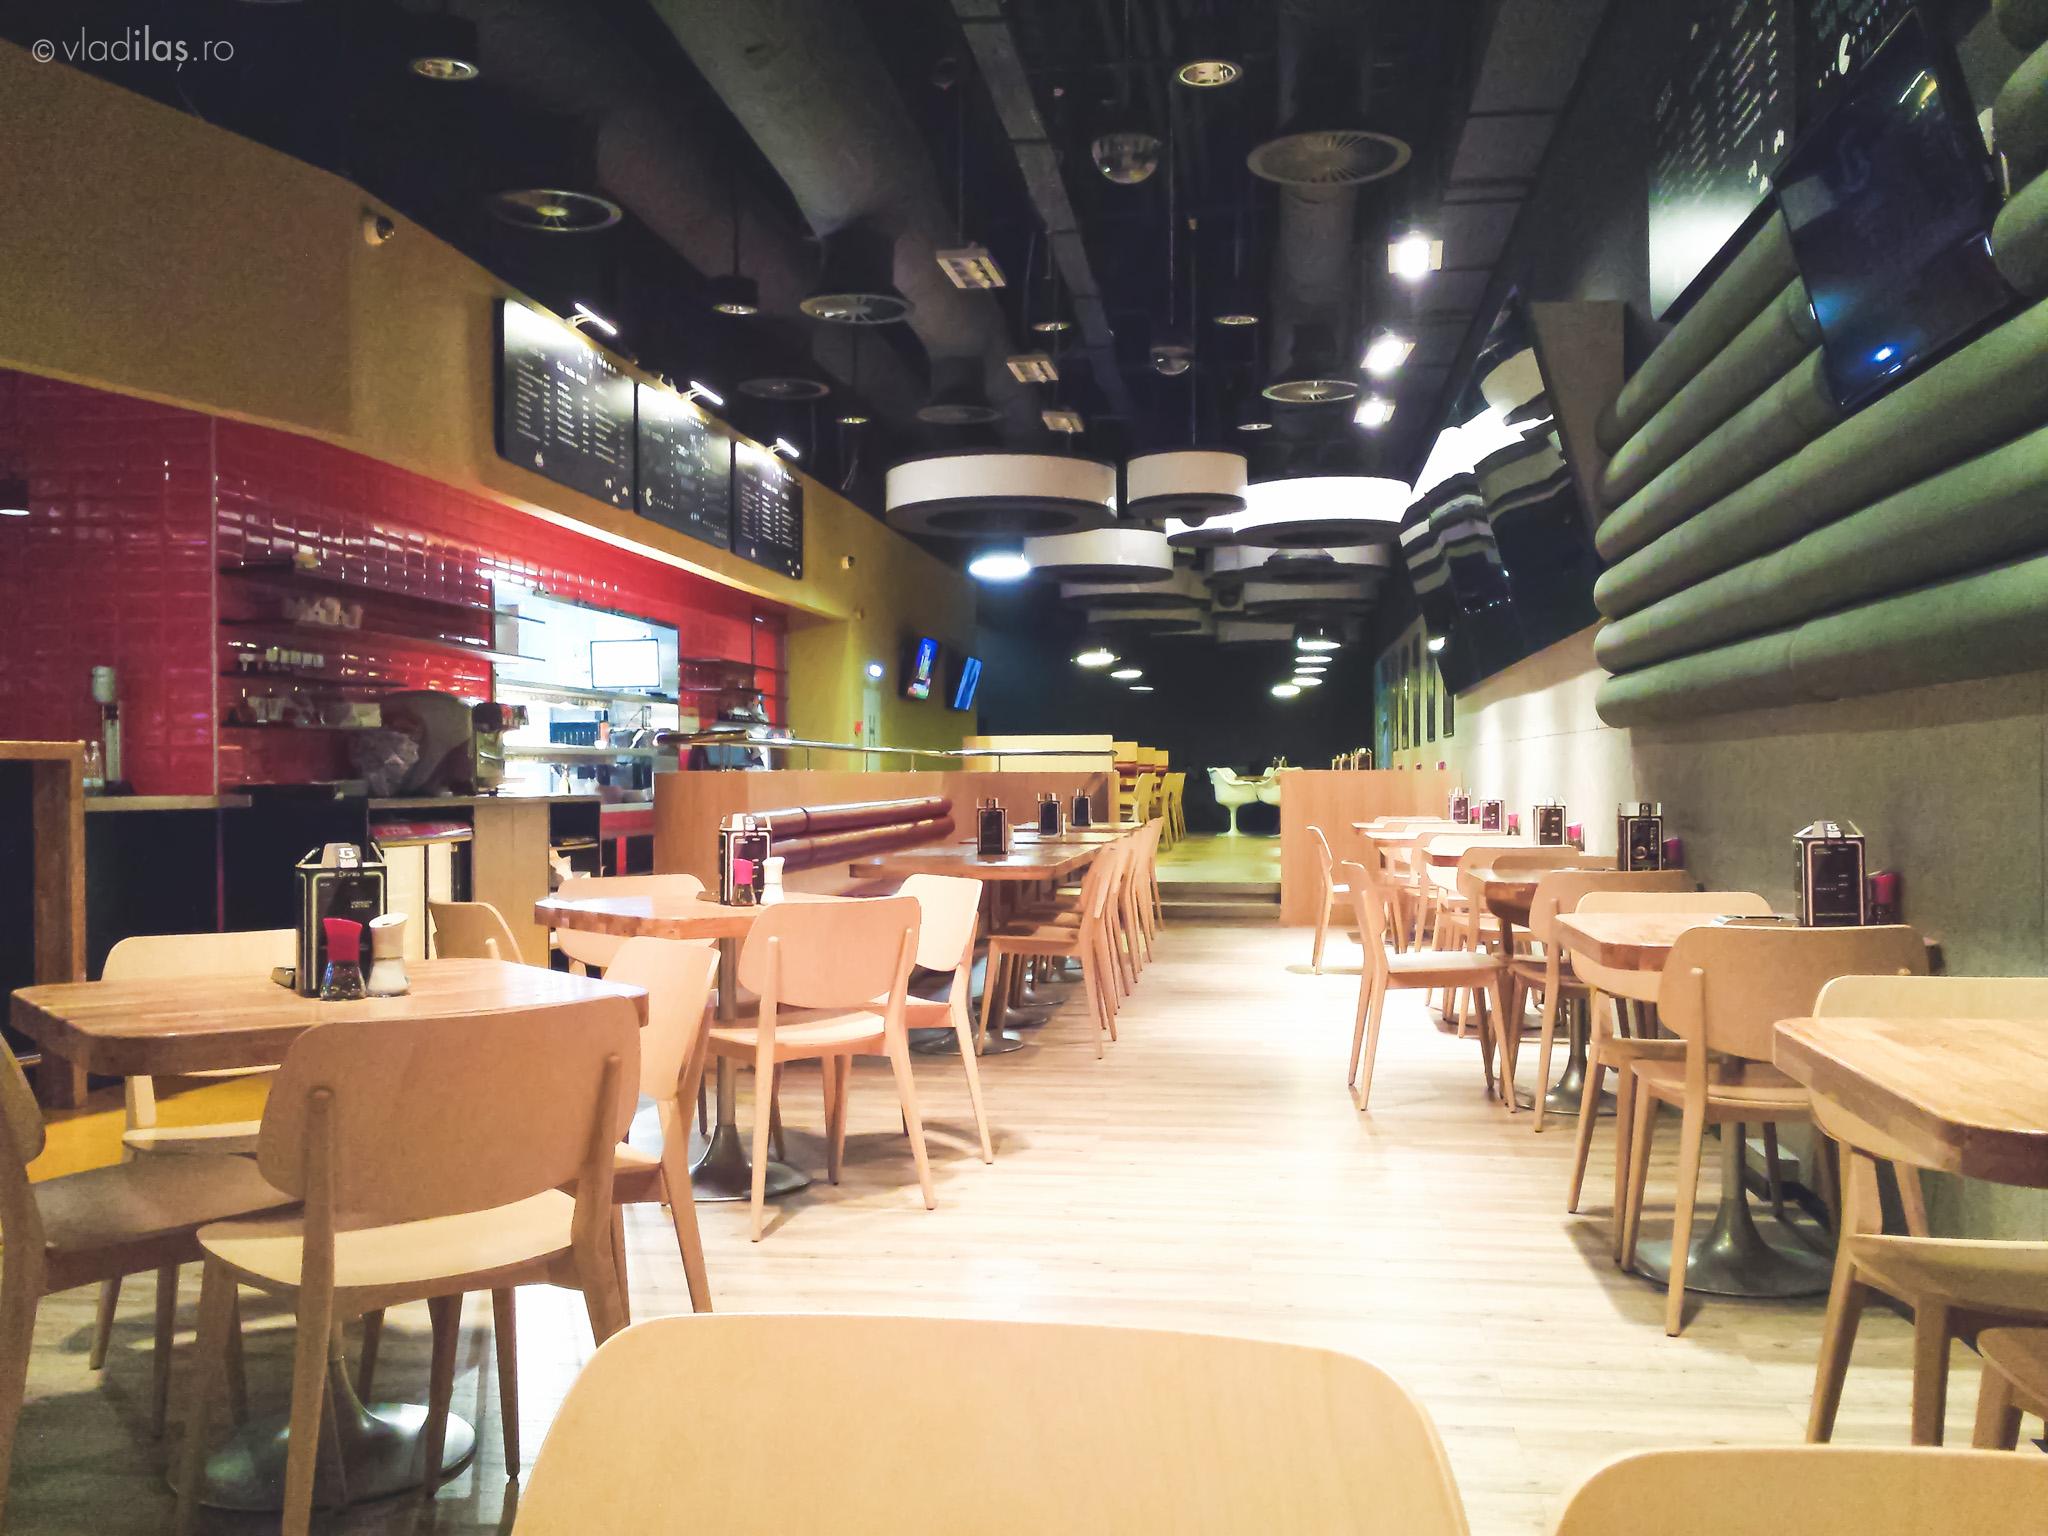 Restaurant Grand Combo Diner